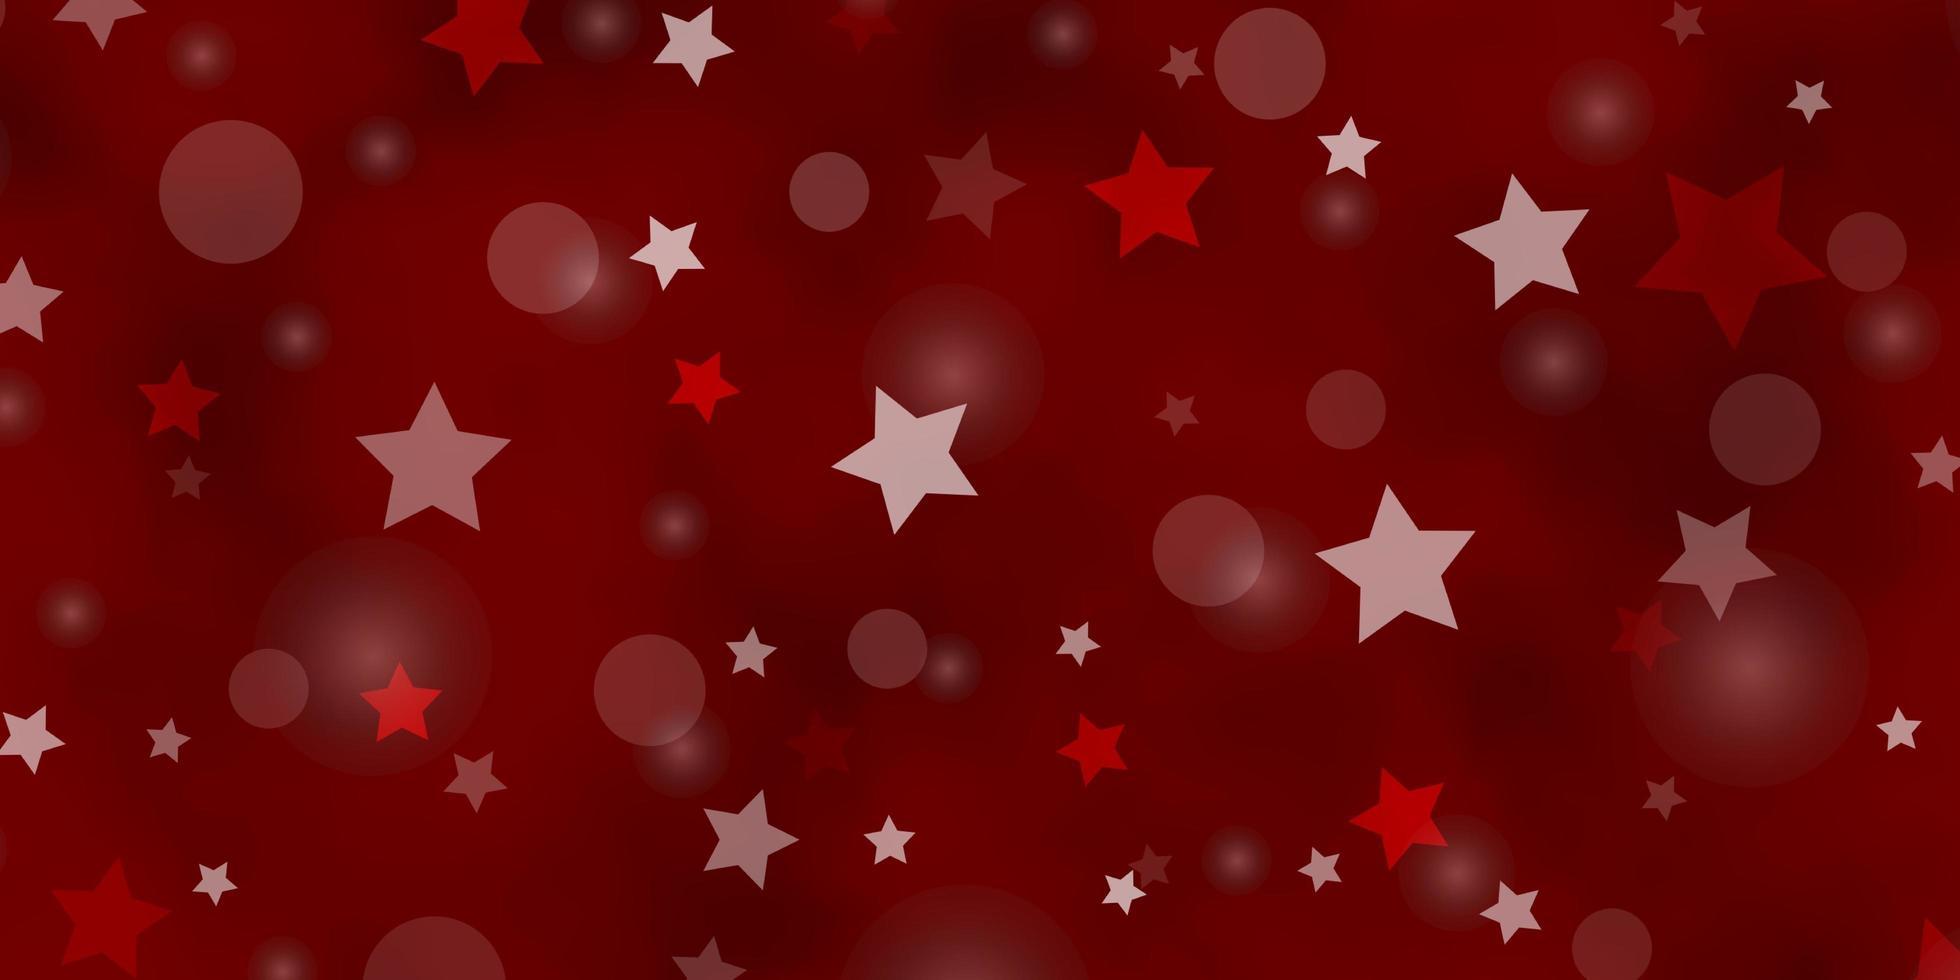 modello vettoriale arancione chiaro con cerchi, stelle.